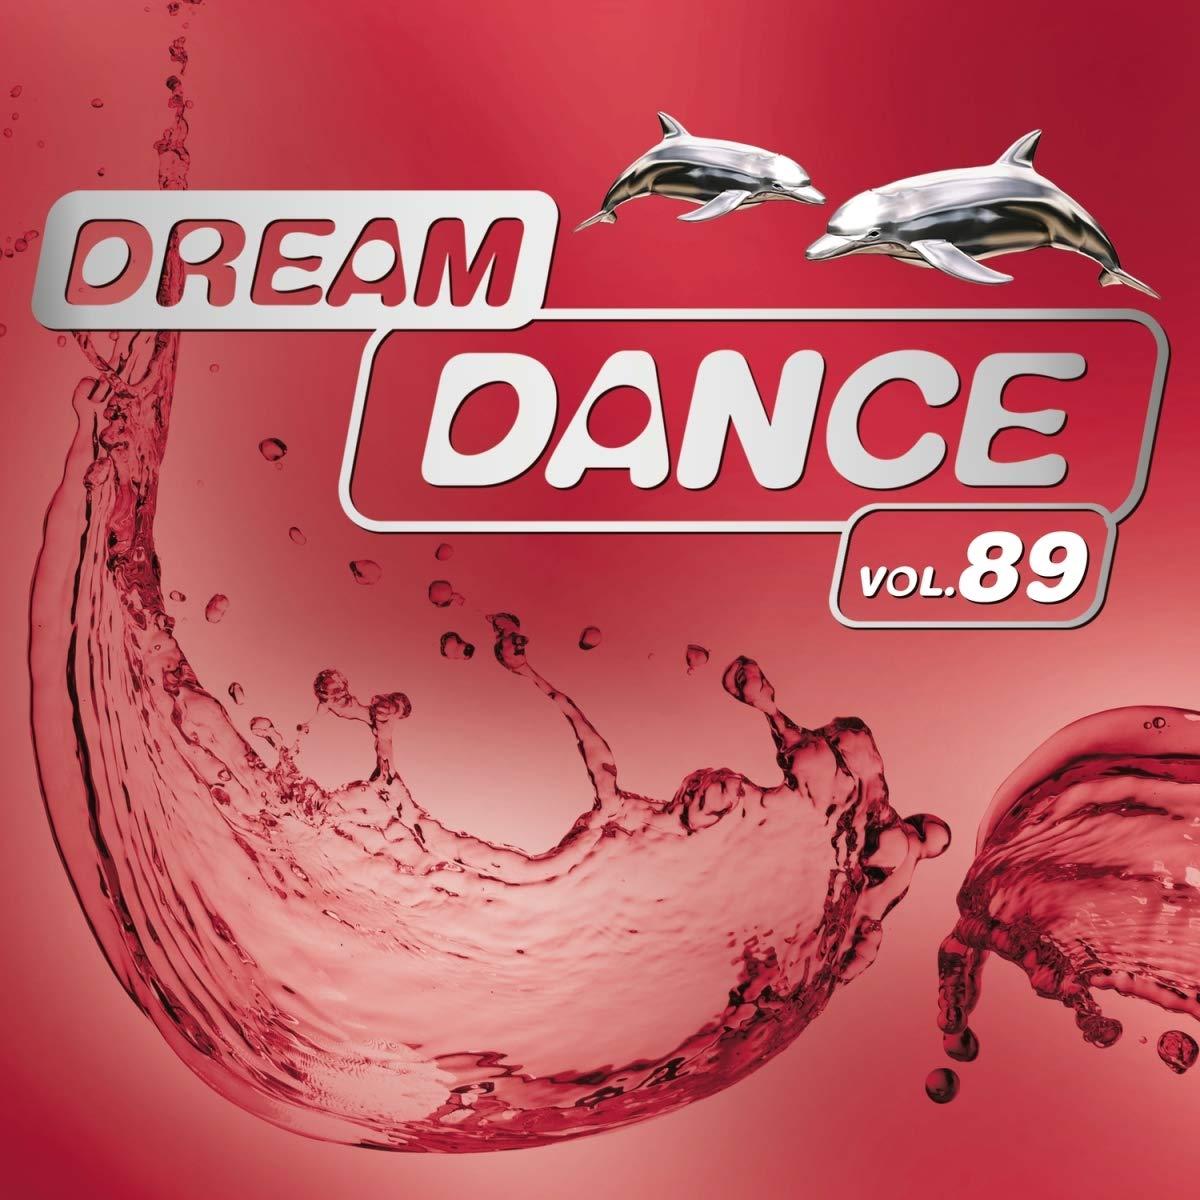 VA – Dream Dance Vol. 89 (2020) [FLAC]